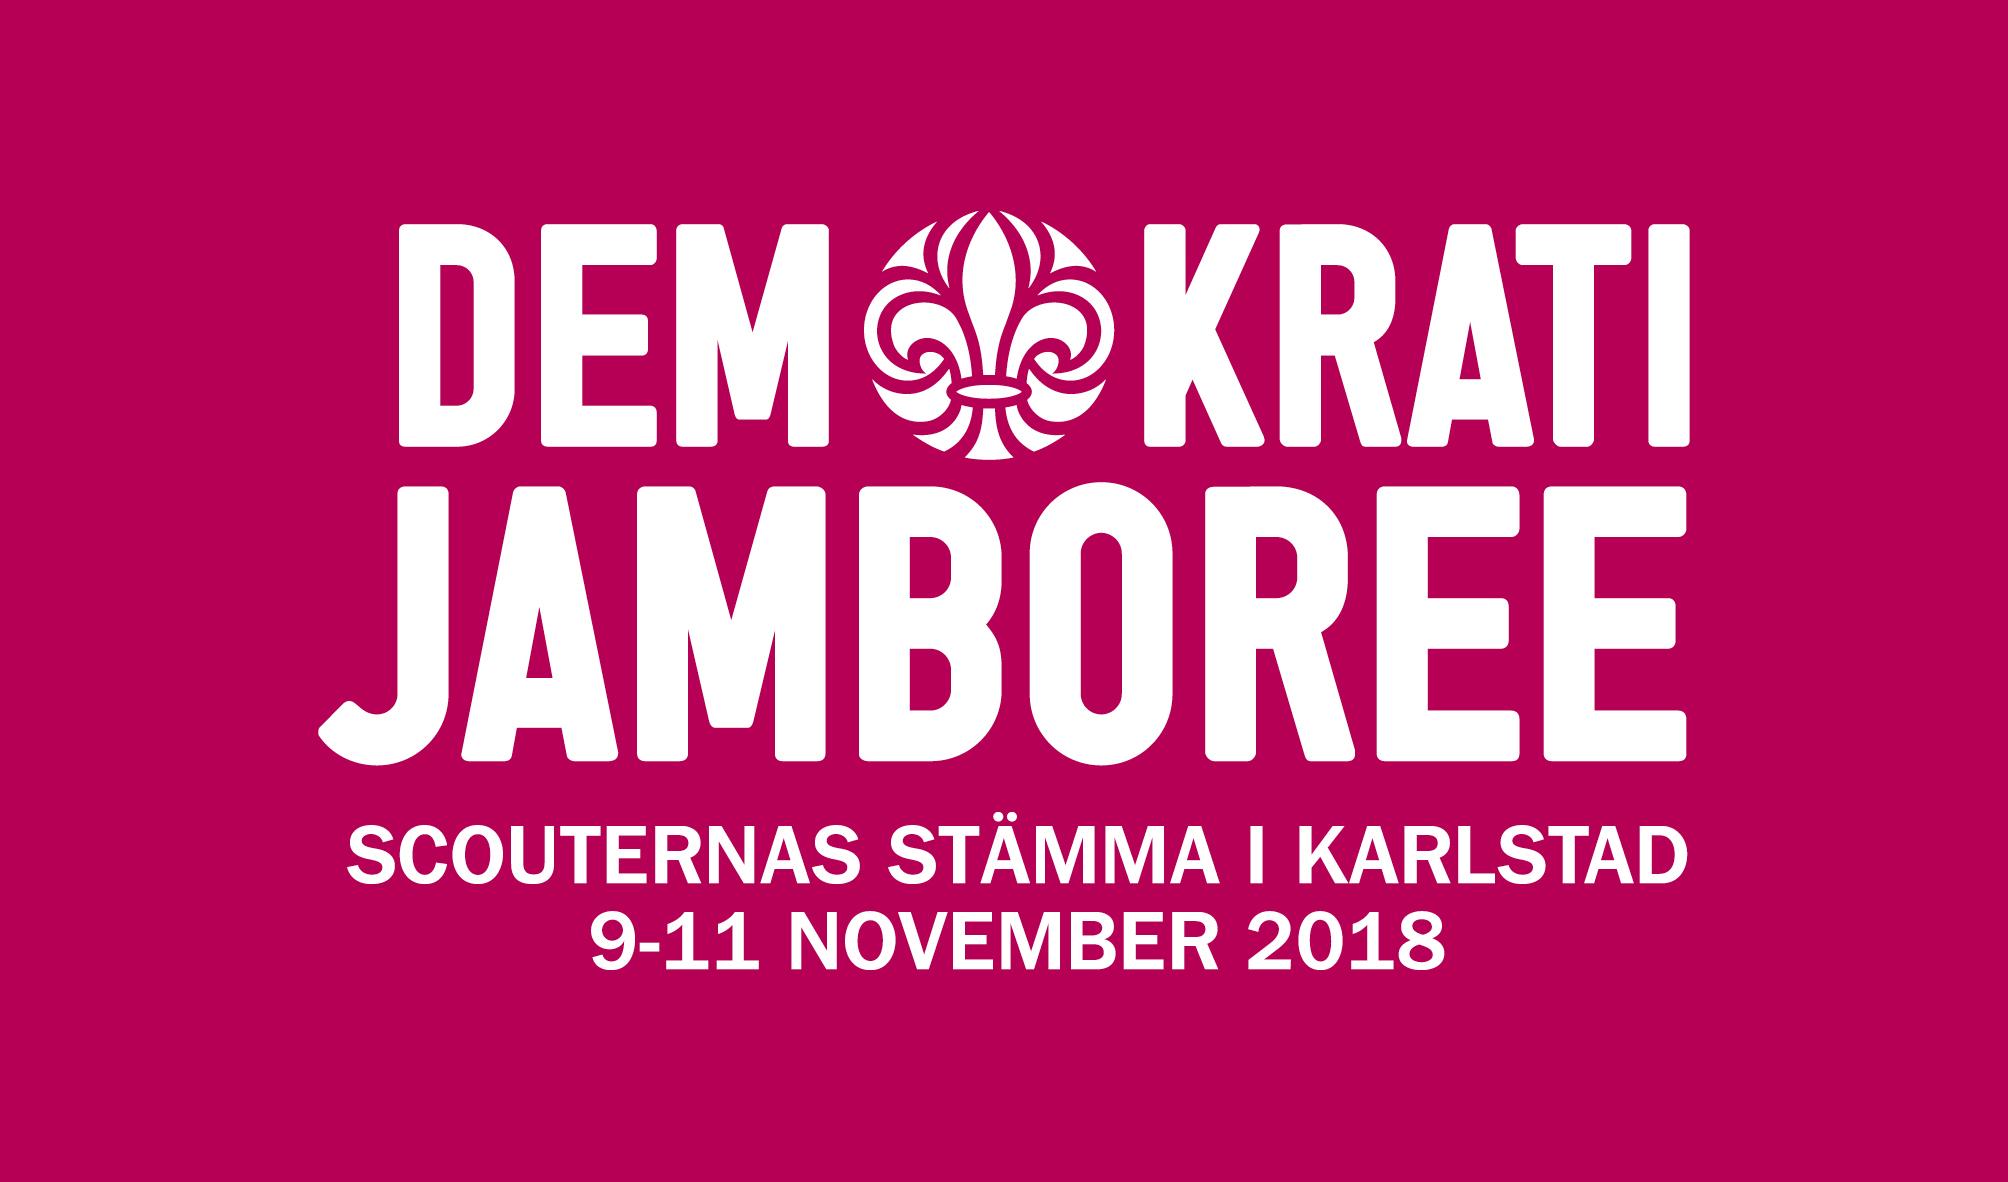 Förberedelseoch genomgång inför Demokratijamboree @ Maria Magdalena församlingshem  | Stockholms län | Sverige